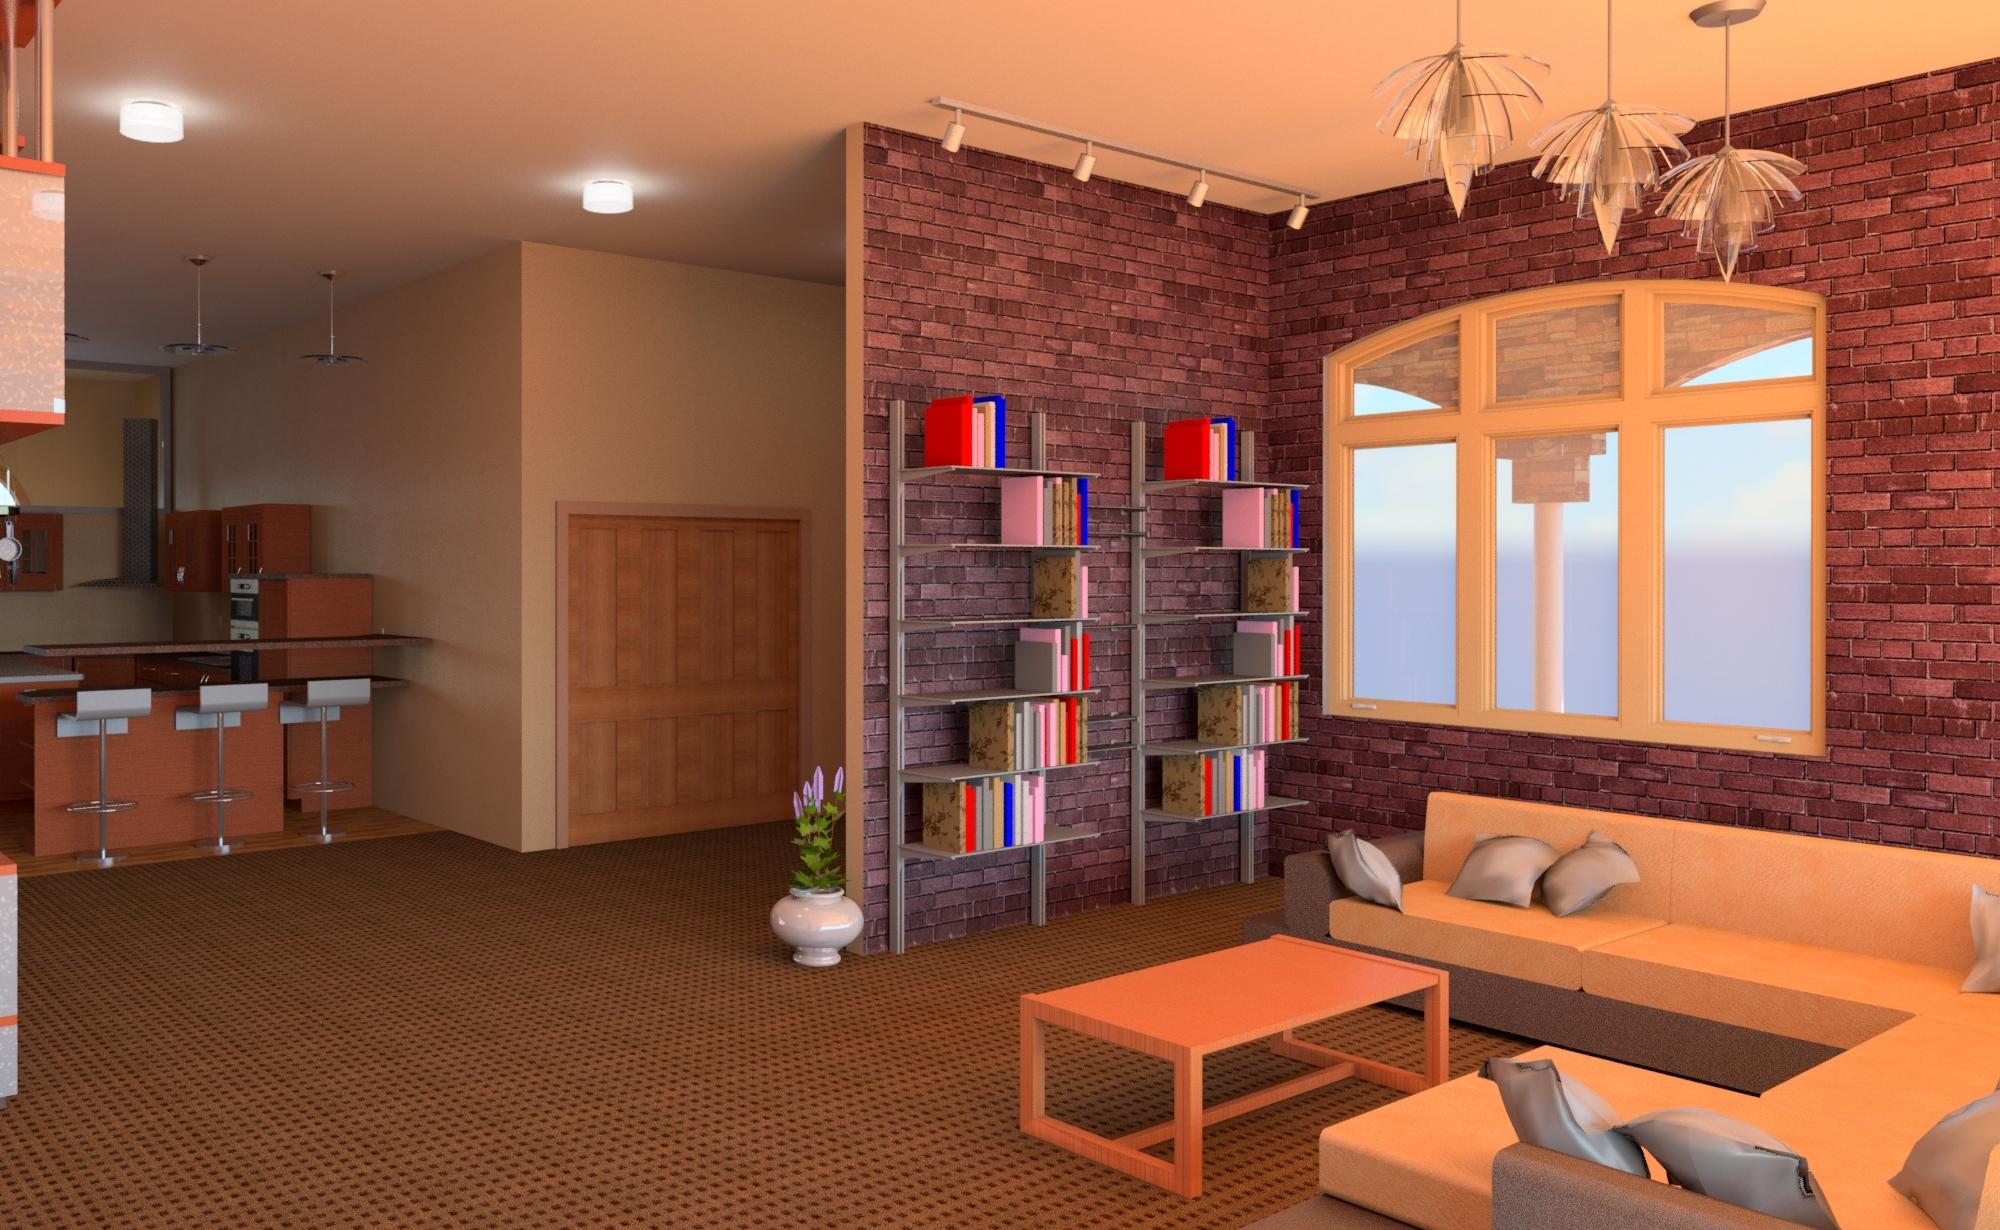 Raas-rendering20150208-32168-1afjpuw